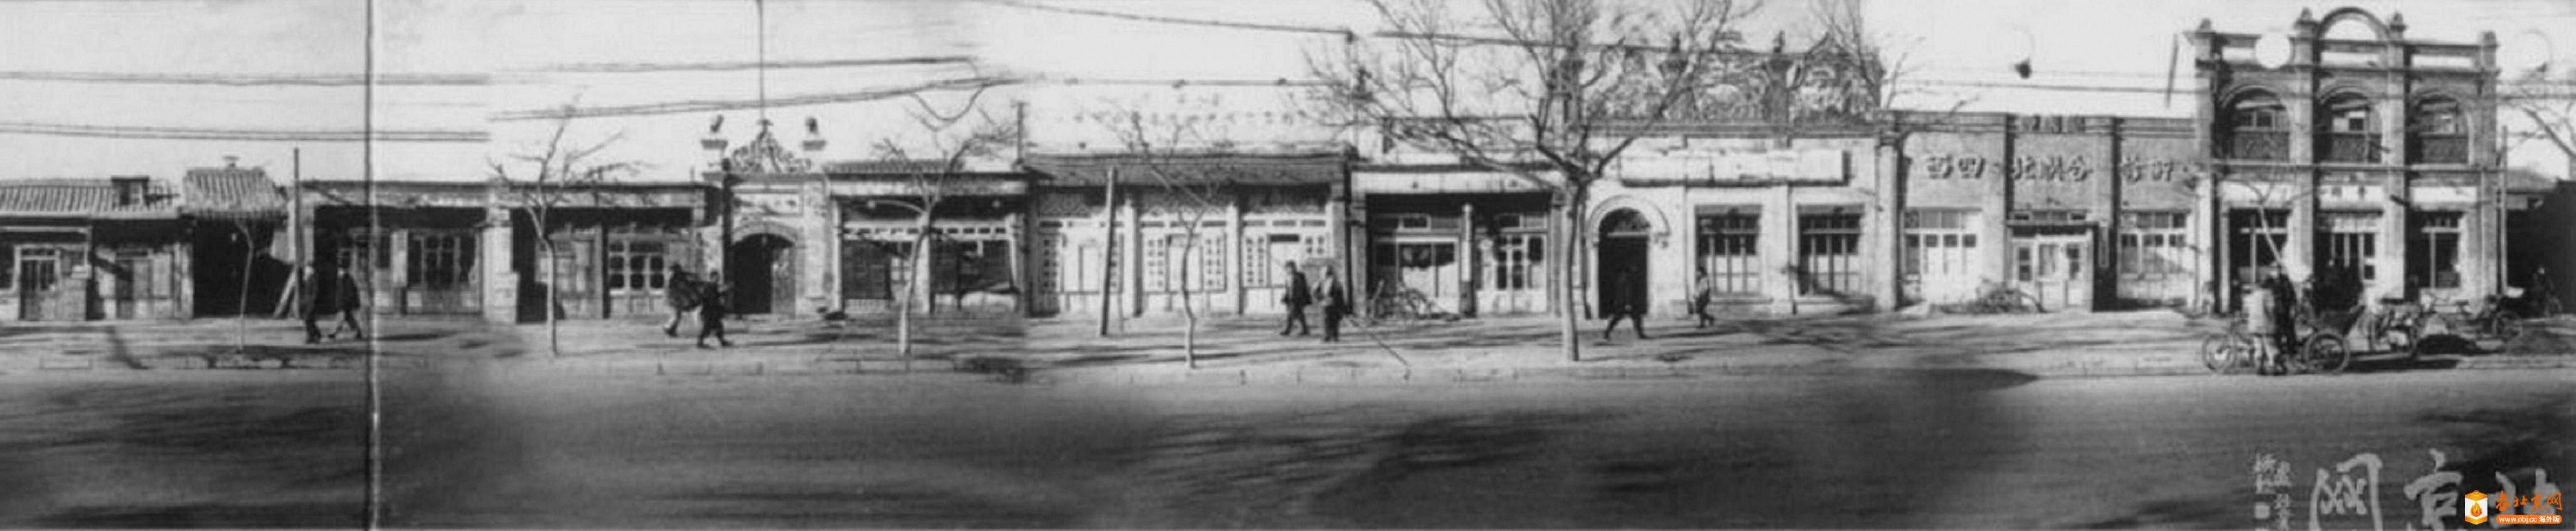 938.西四西立面-南4     (1962年).jpg